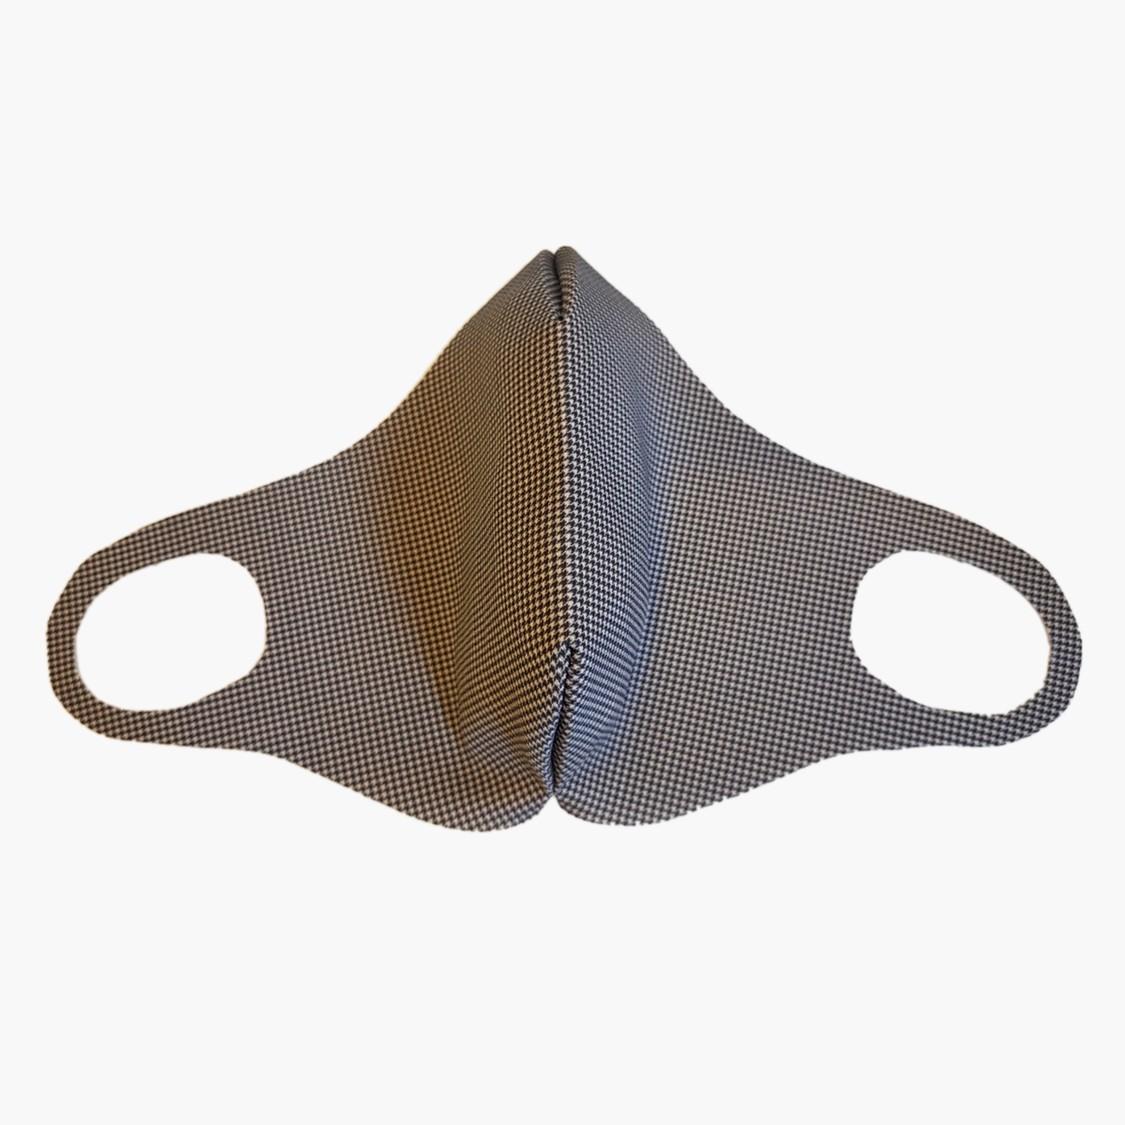 Checked Reusable Mask